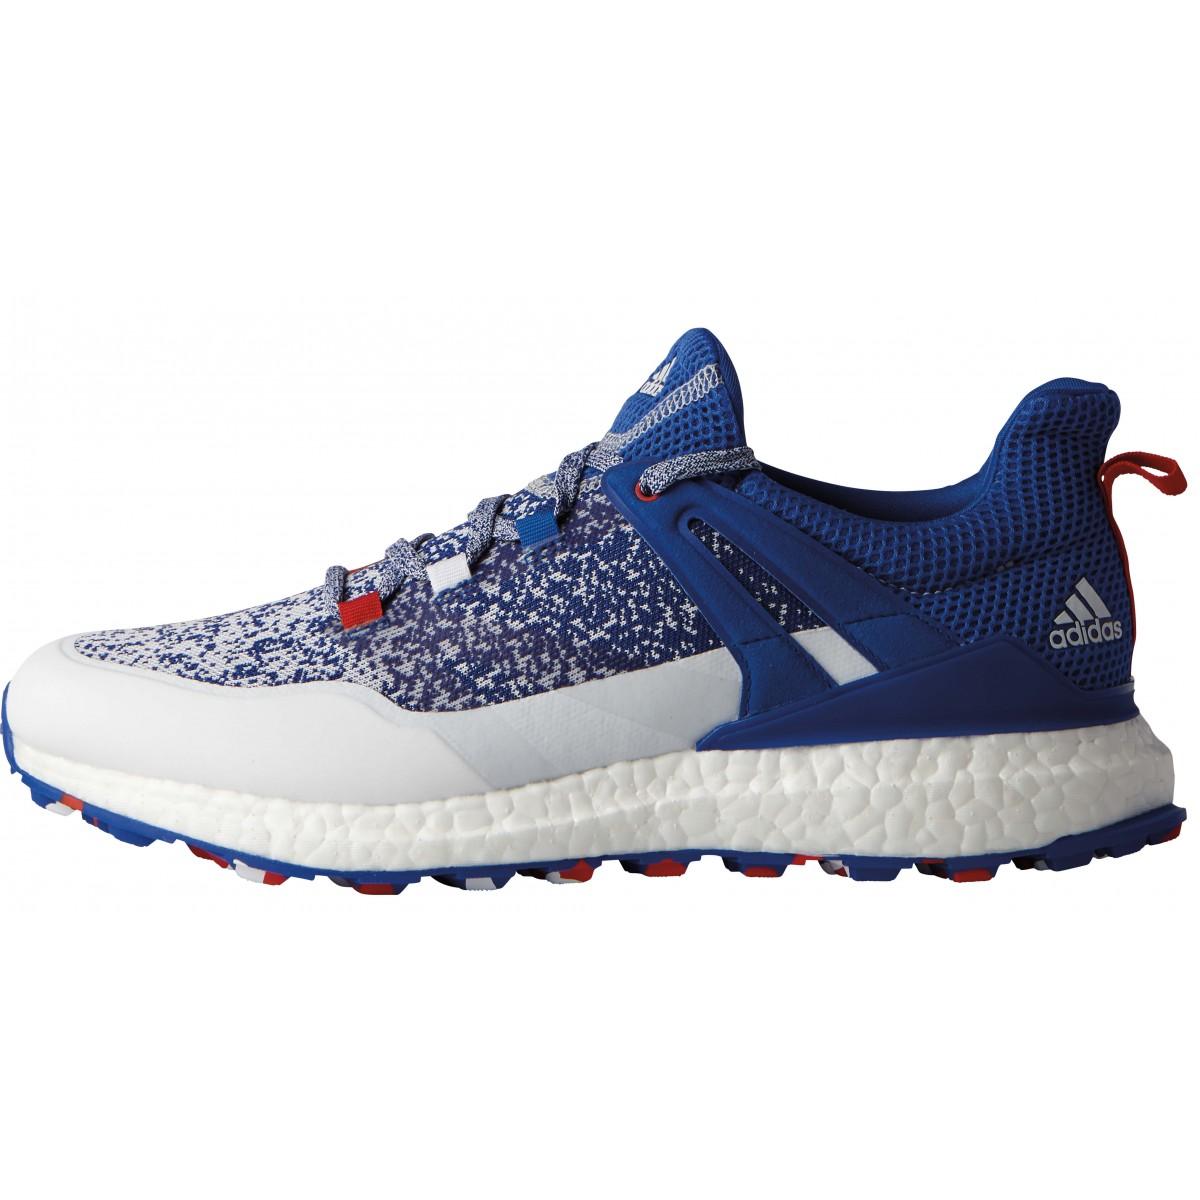 adidas 2017 crossknit impulso mens, edizione limitata di scarpe da golf bianca